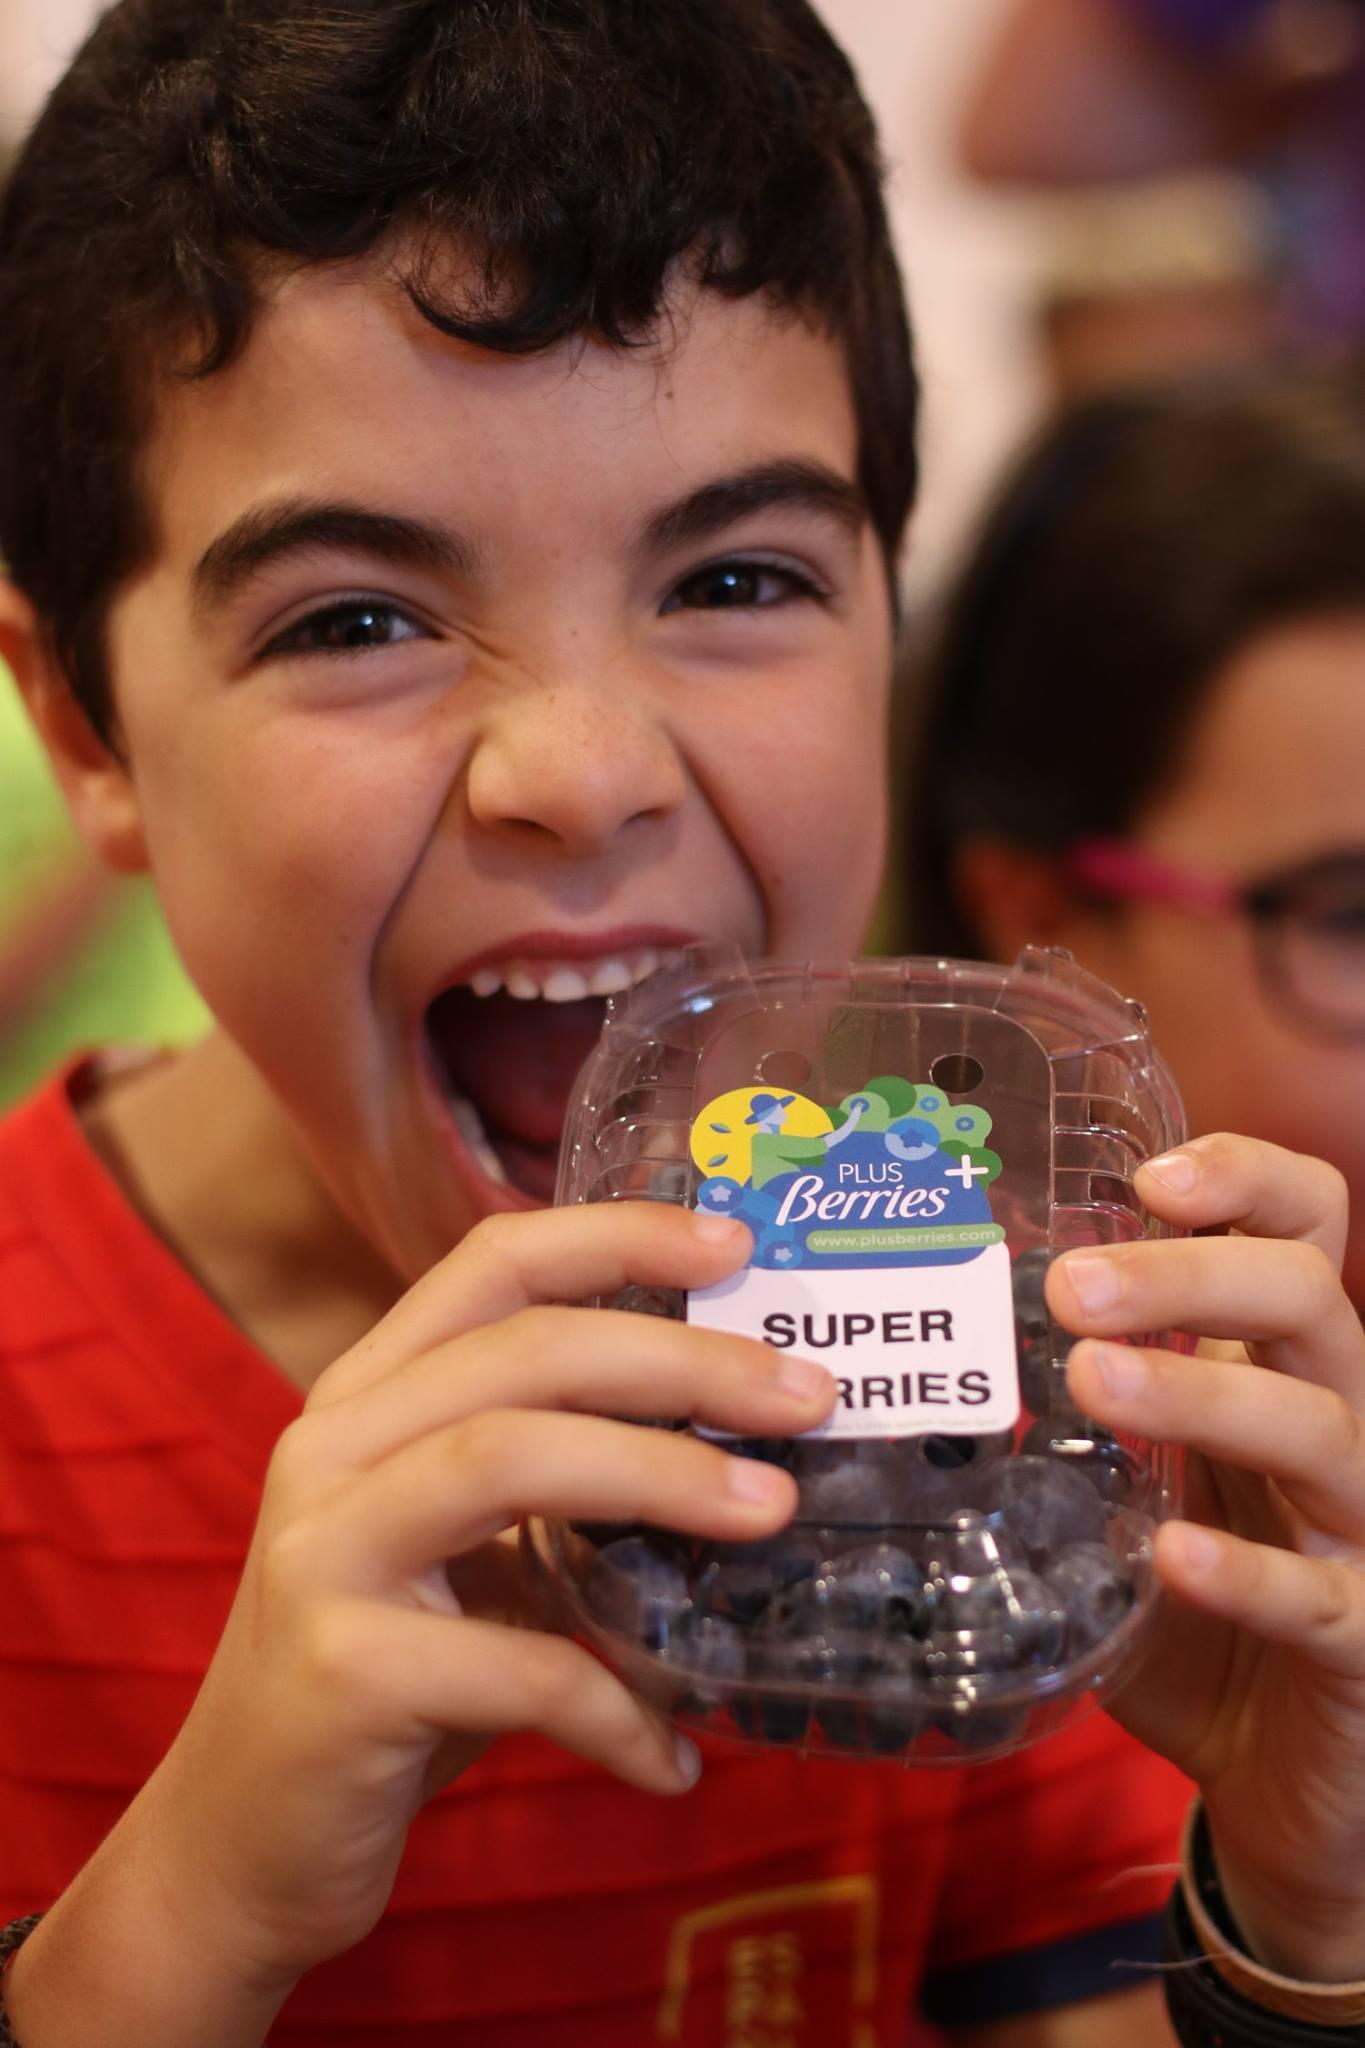 Una año más los niños disfrutan con las Súper Berries